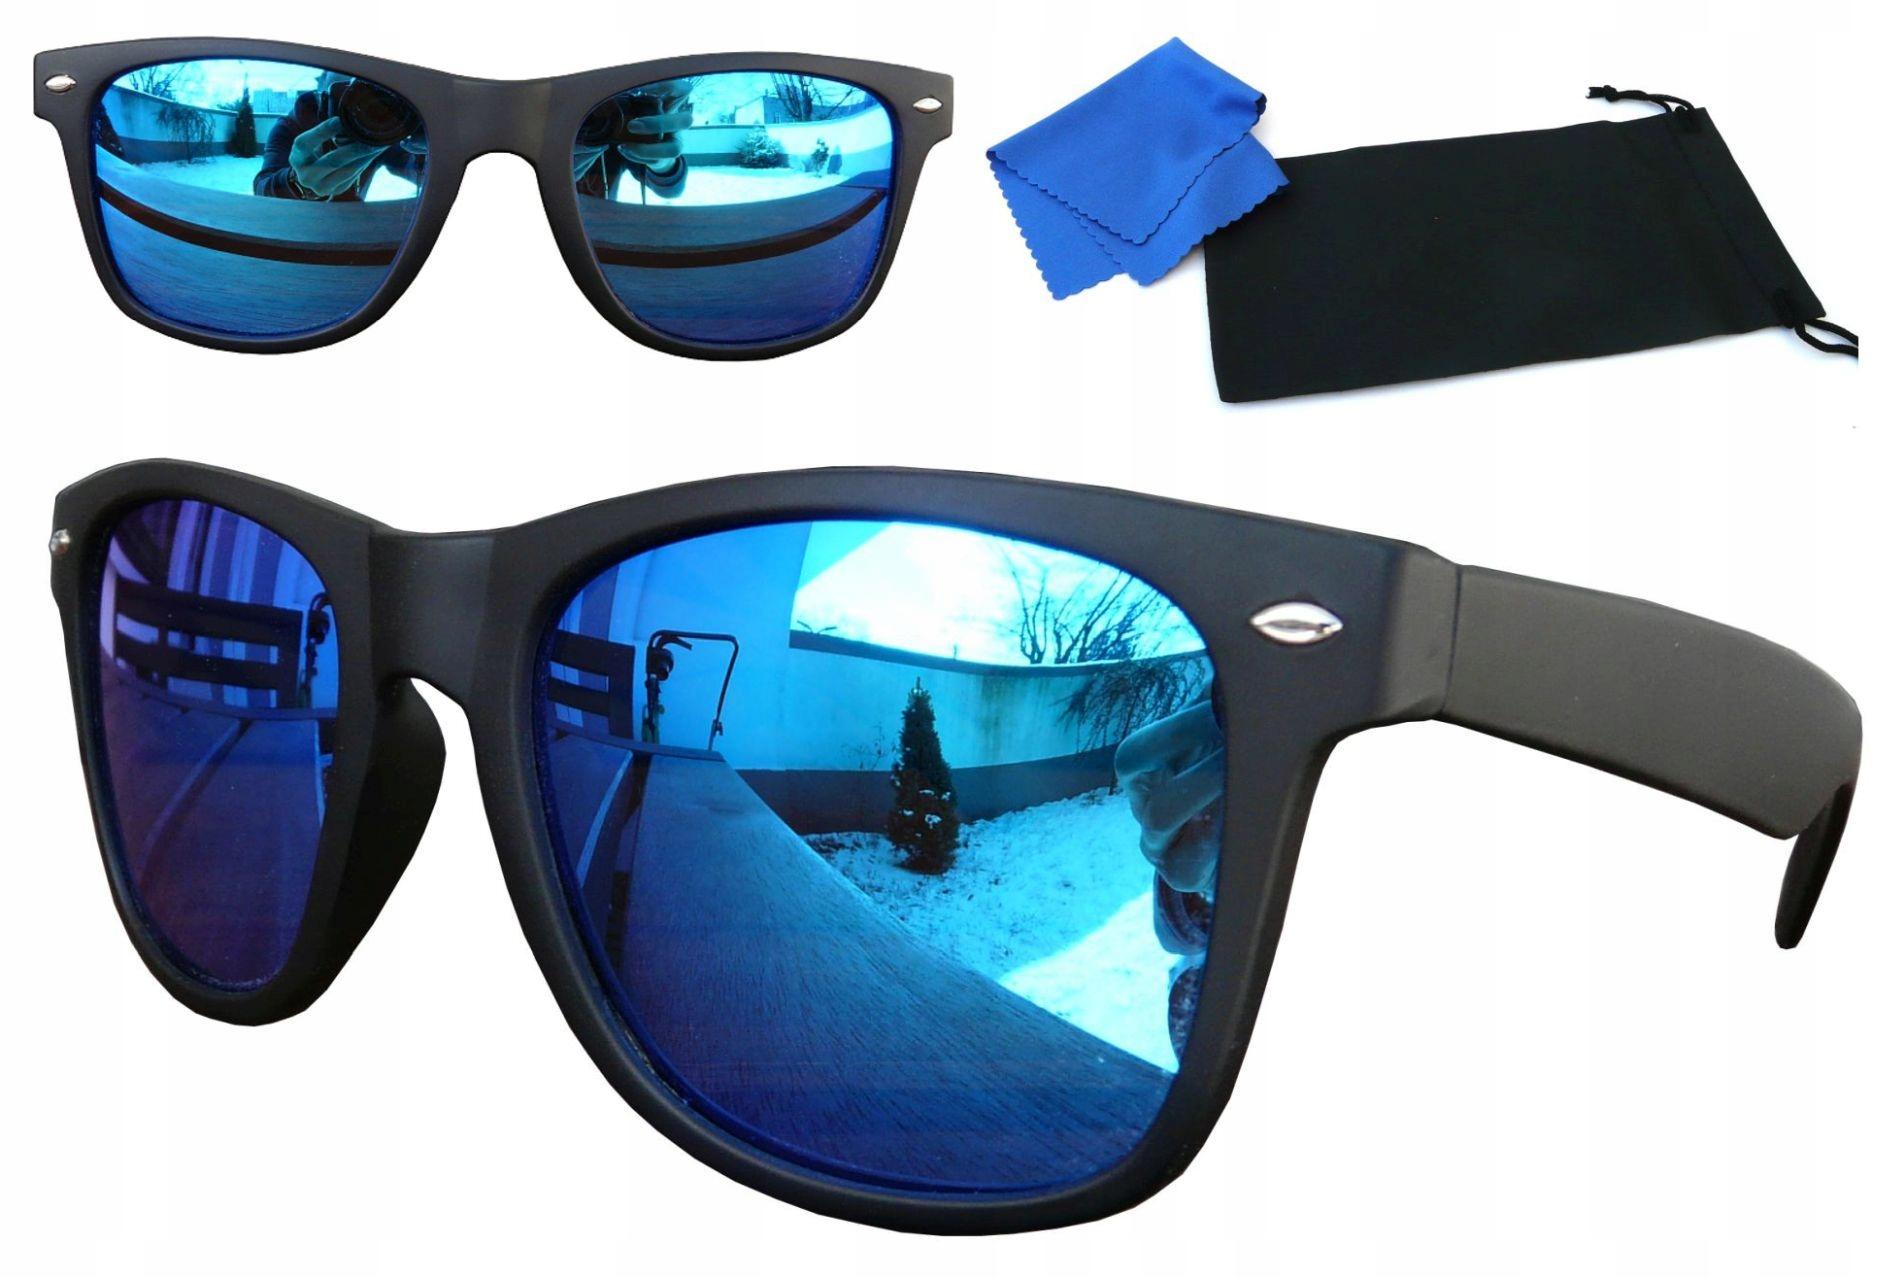 Okulary Przeciwsloneczne Polaryzacyjne Nerdy Mix 6680524108 Allegro Pl